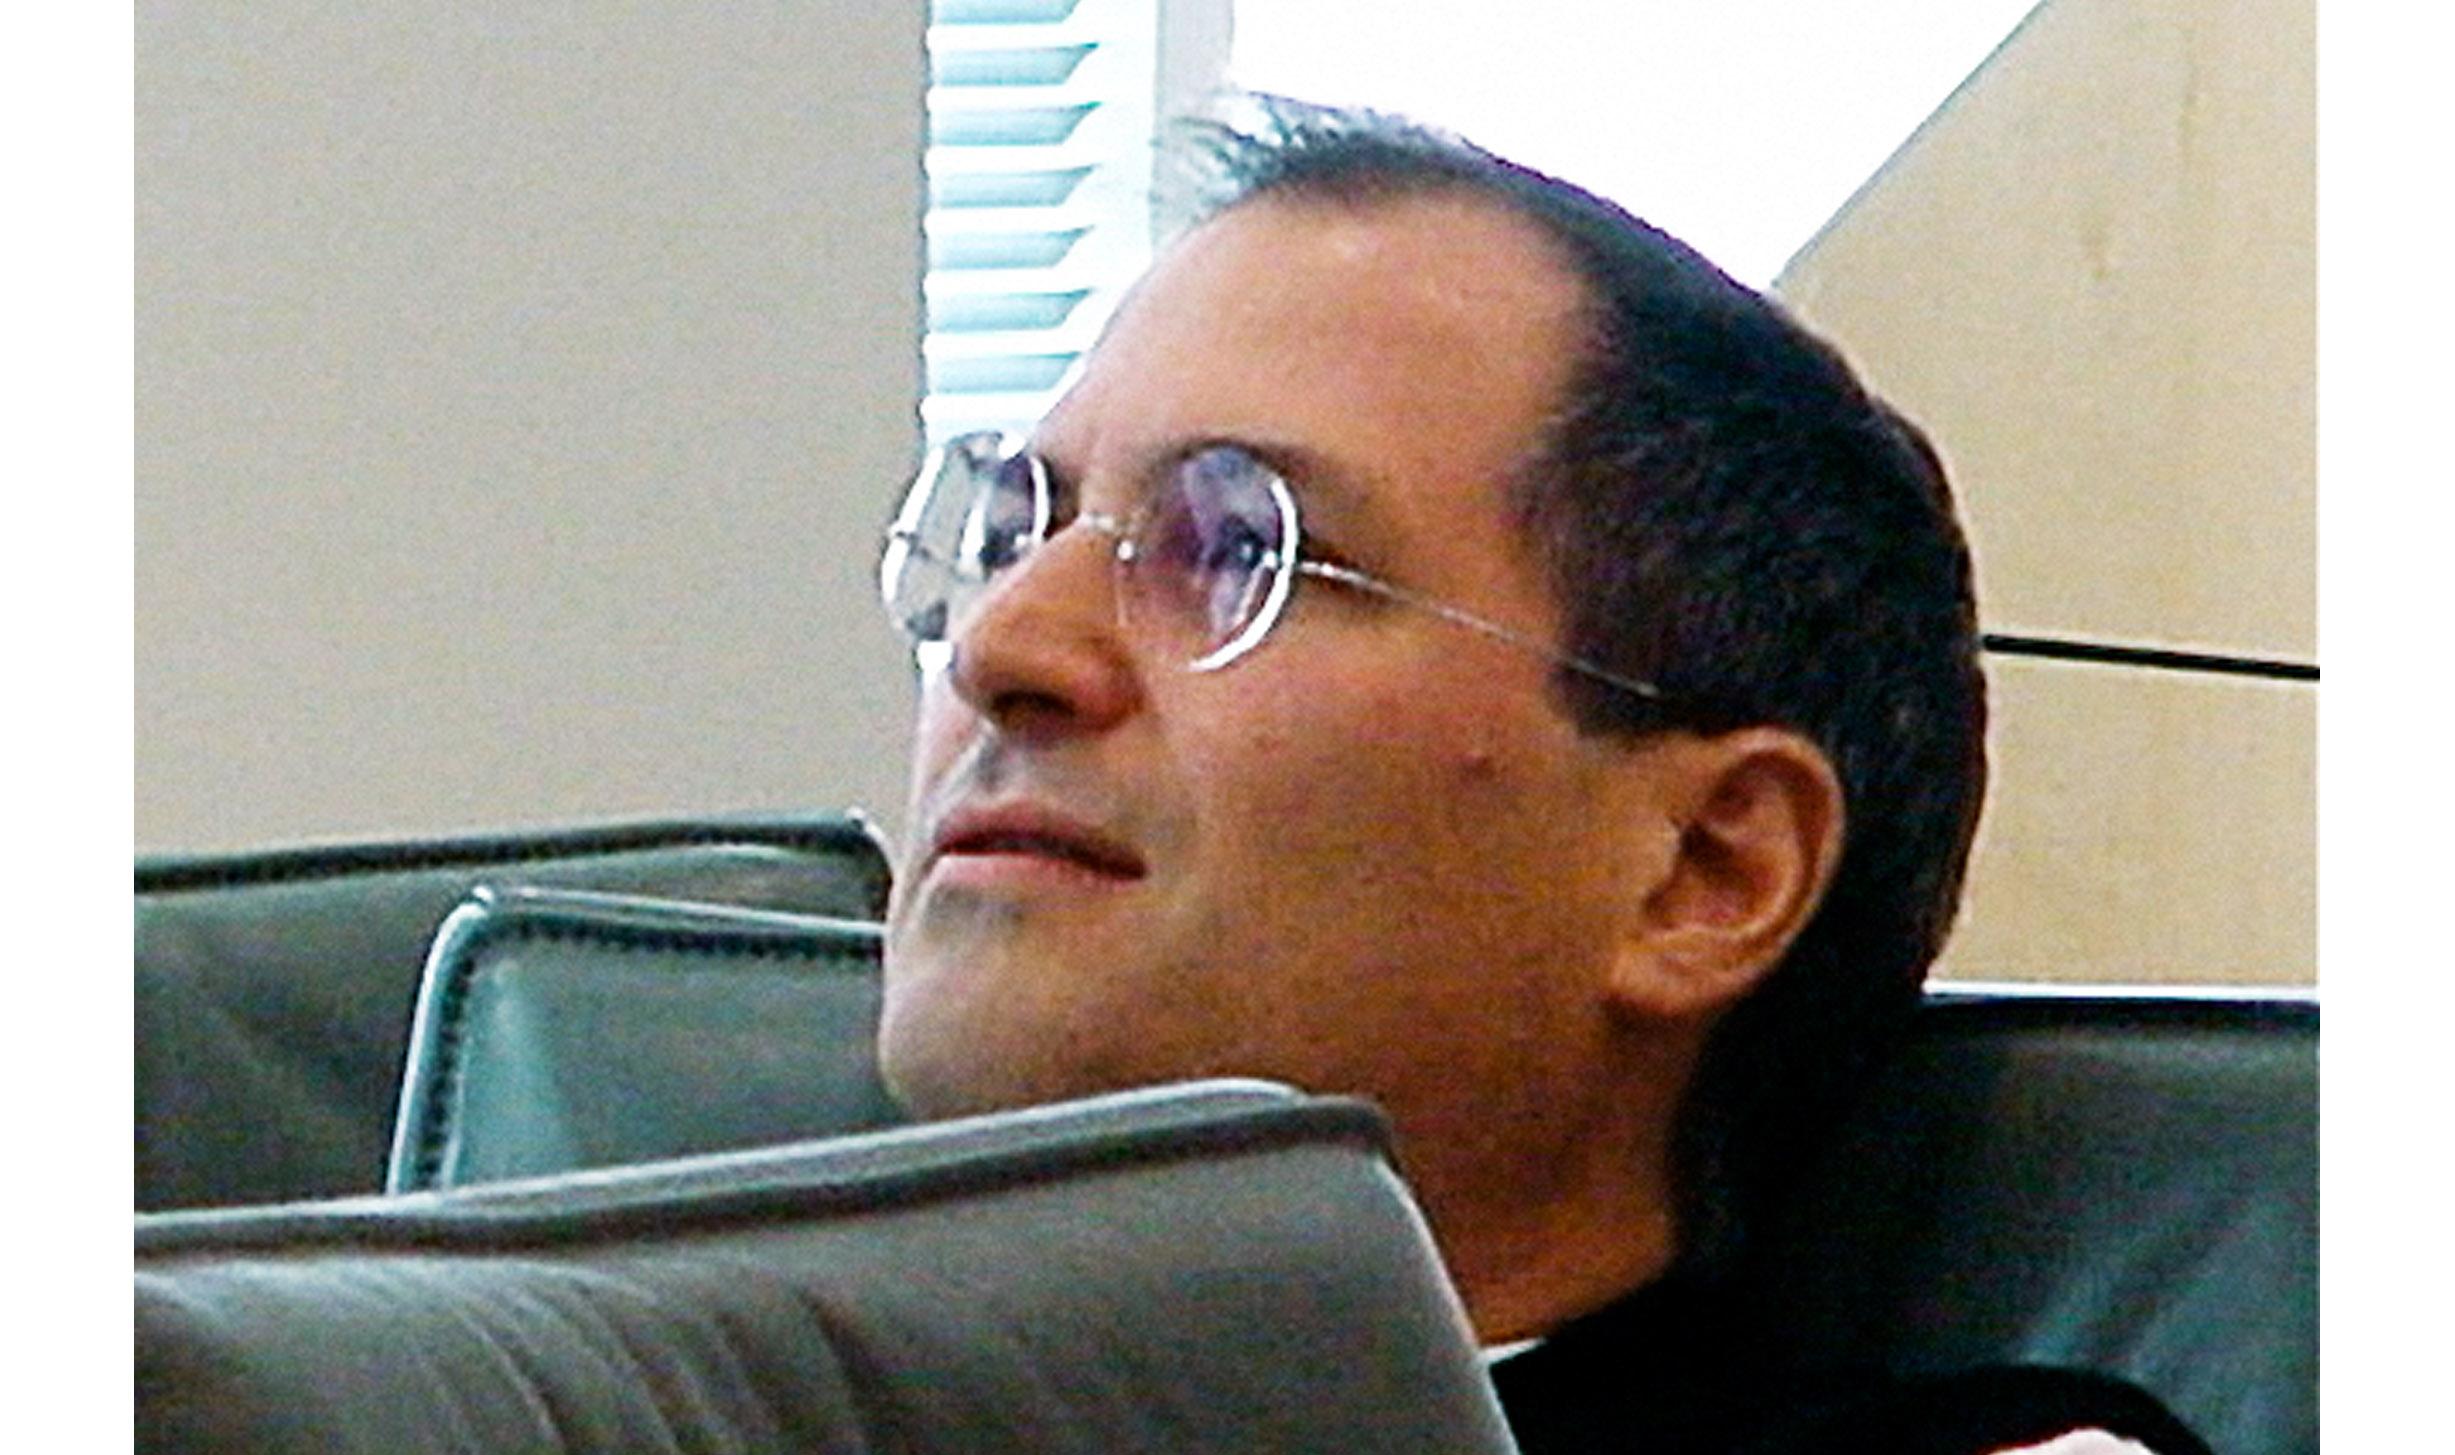 APP.11.07.11.Schlender.Jobs-and-me.02C